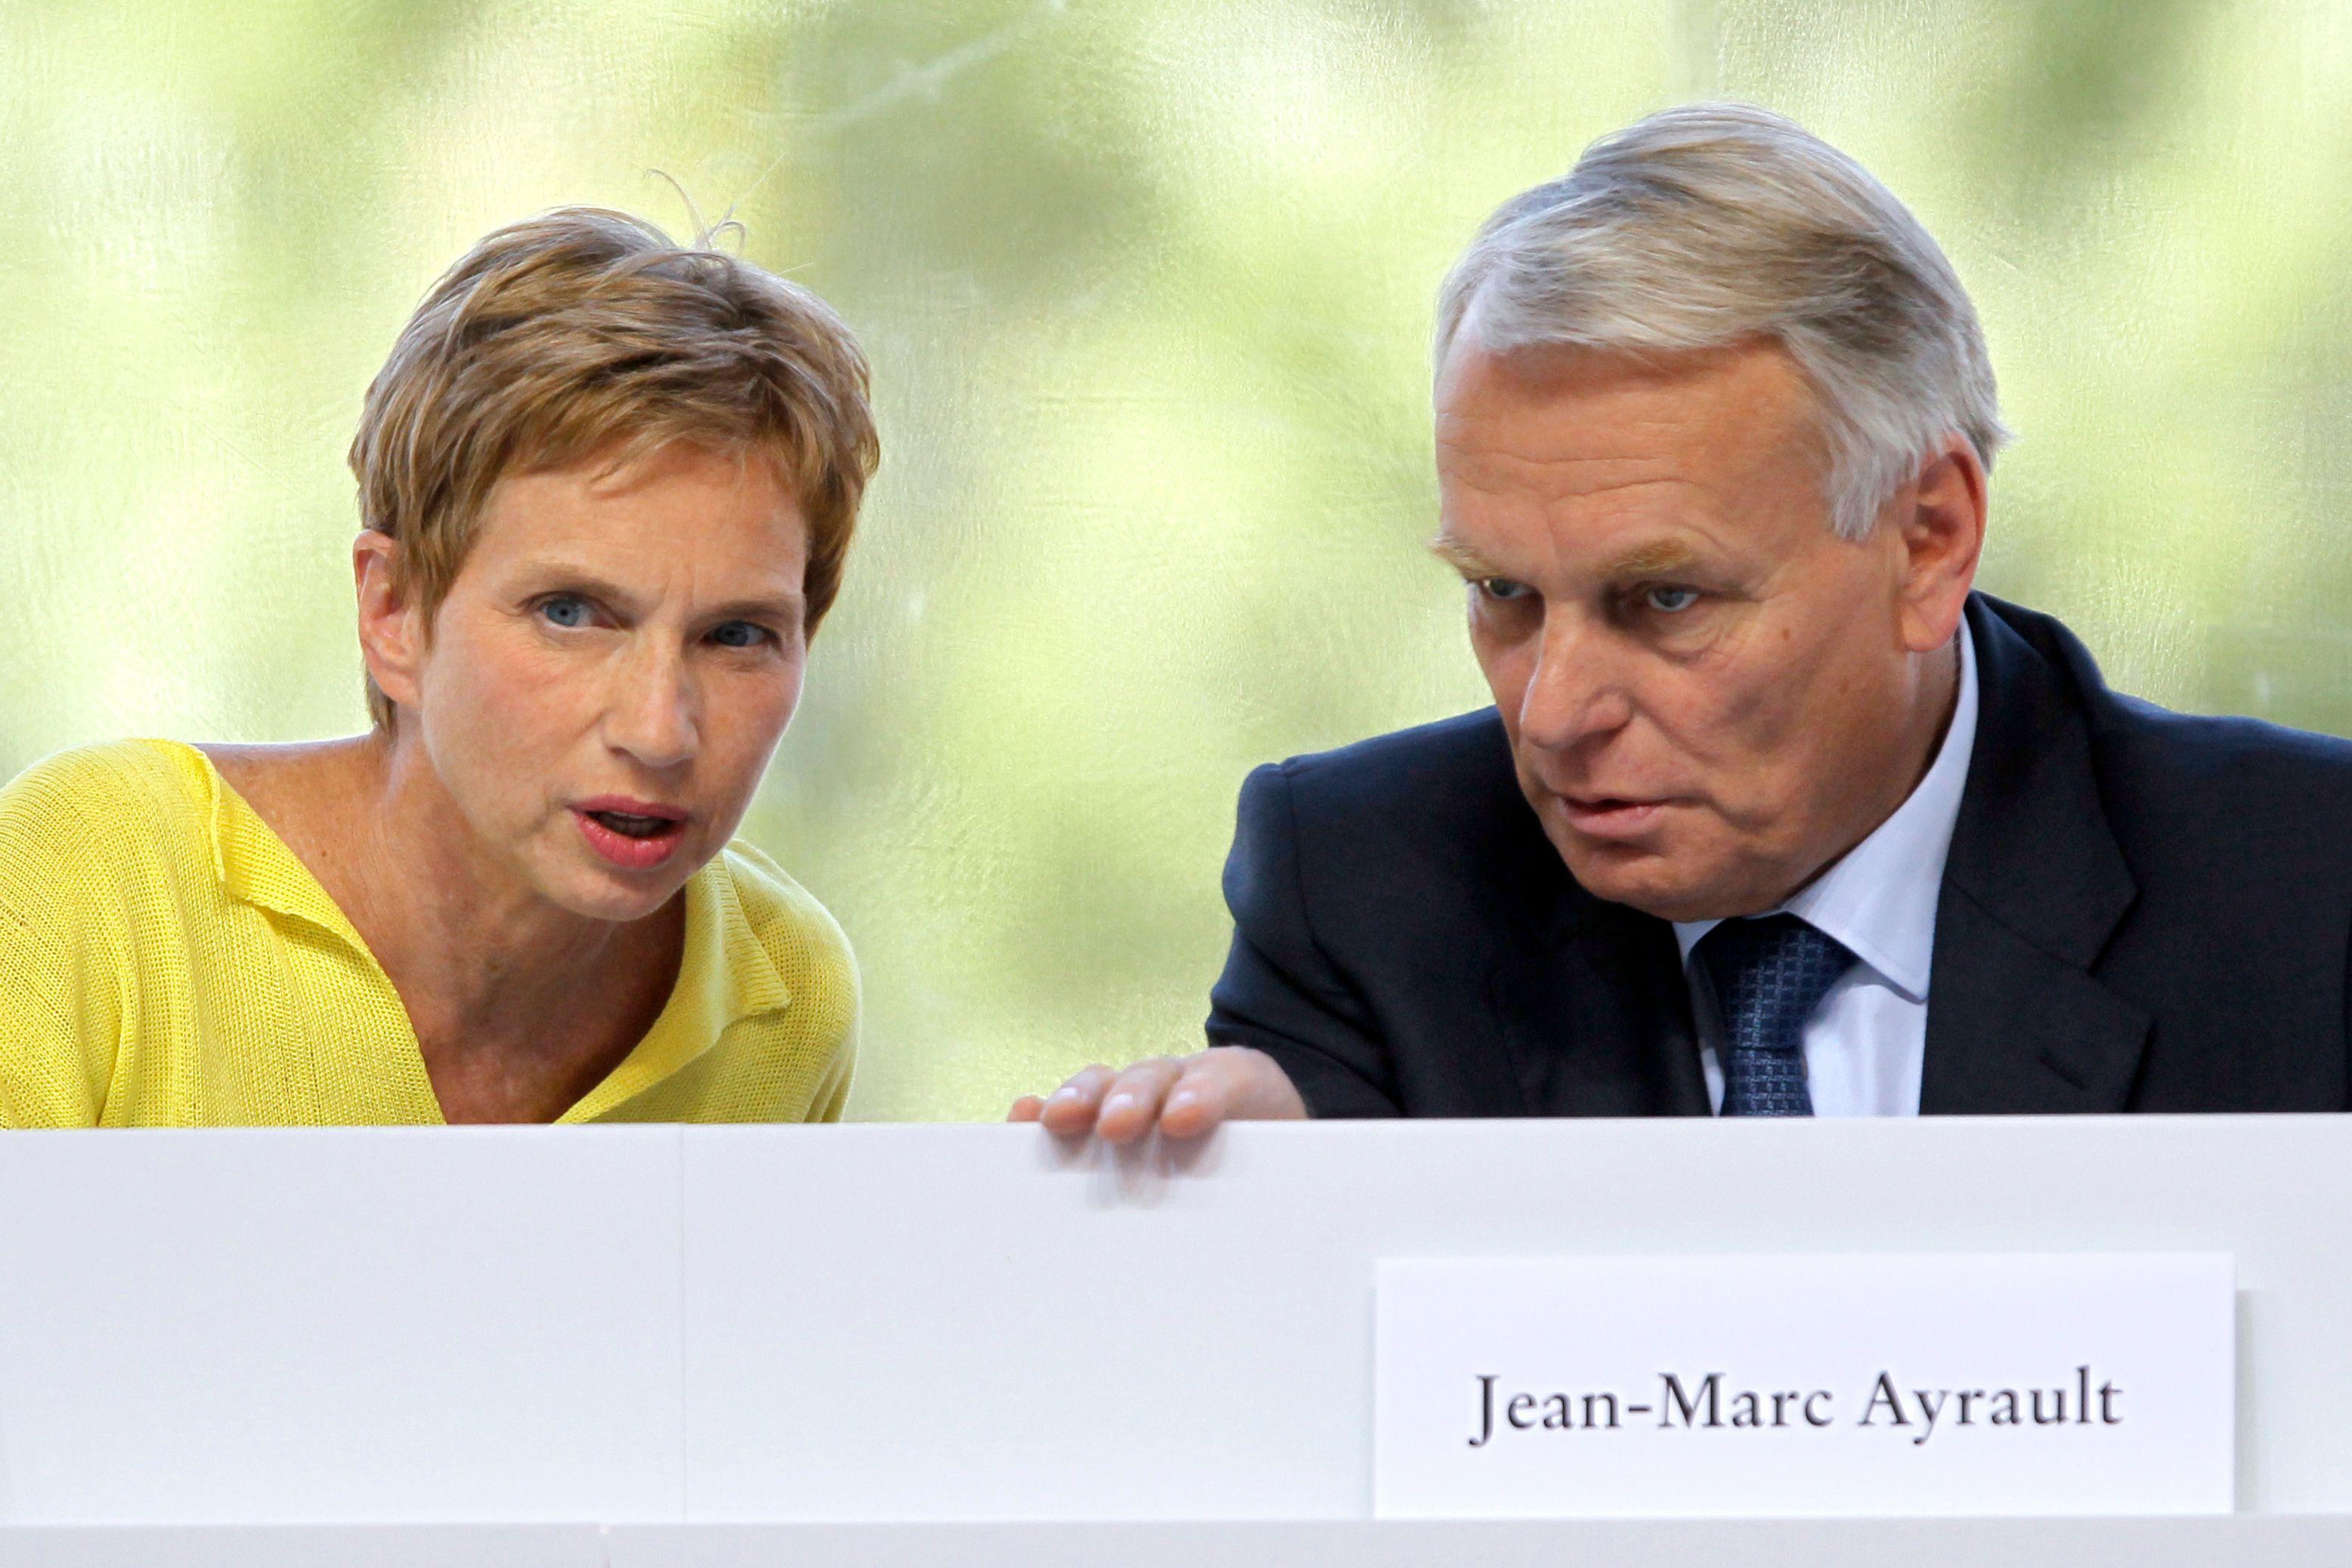 La présidente du Medef Laurence Parisot aux côtés de Jean-Marc Ayrault. En ouvrant mercredi l'université d'été du Medef, le Premier ministre a promis aux chefs d'entreprise de restaurer la compétitivité de l'économie française, mais sans donner de précisi